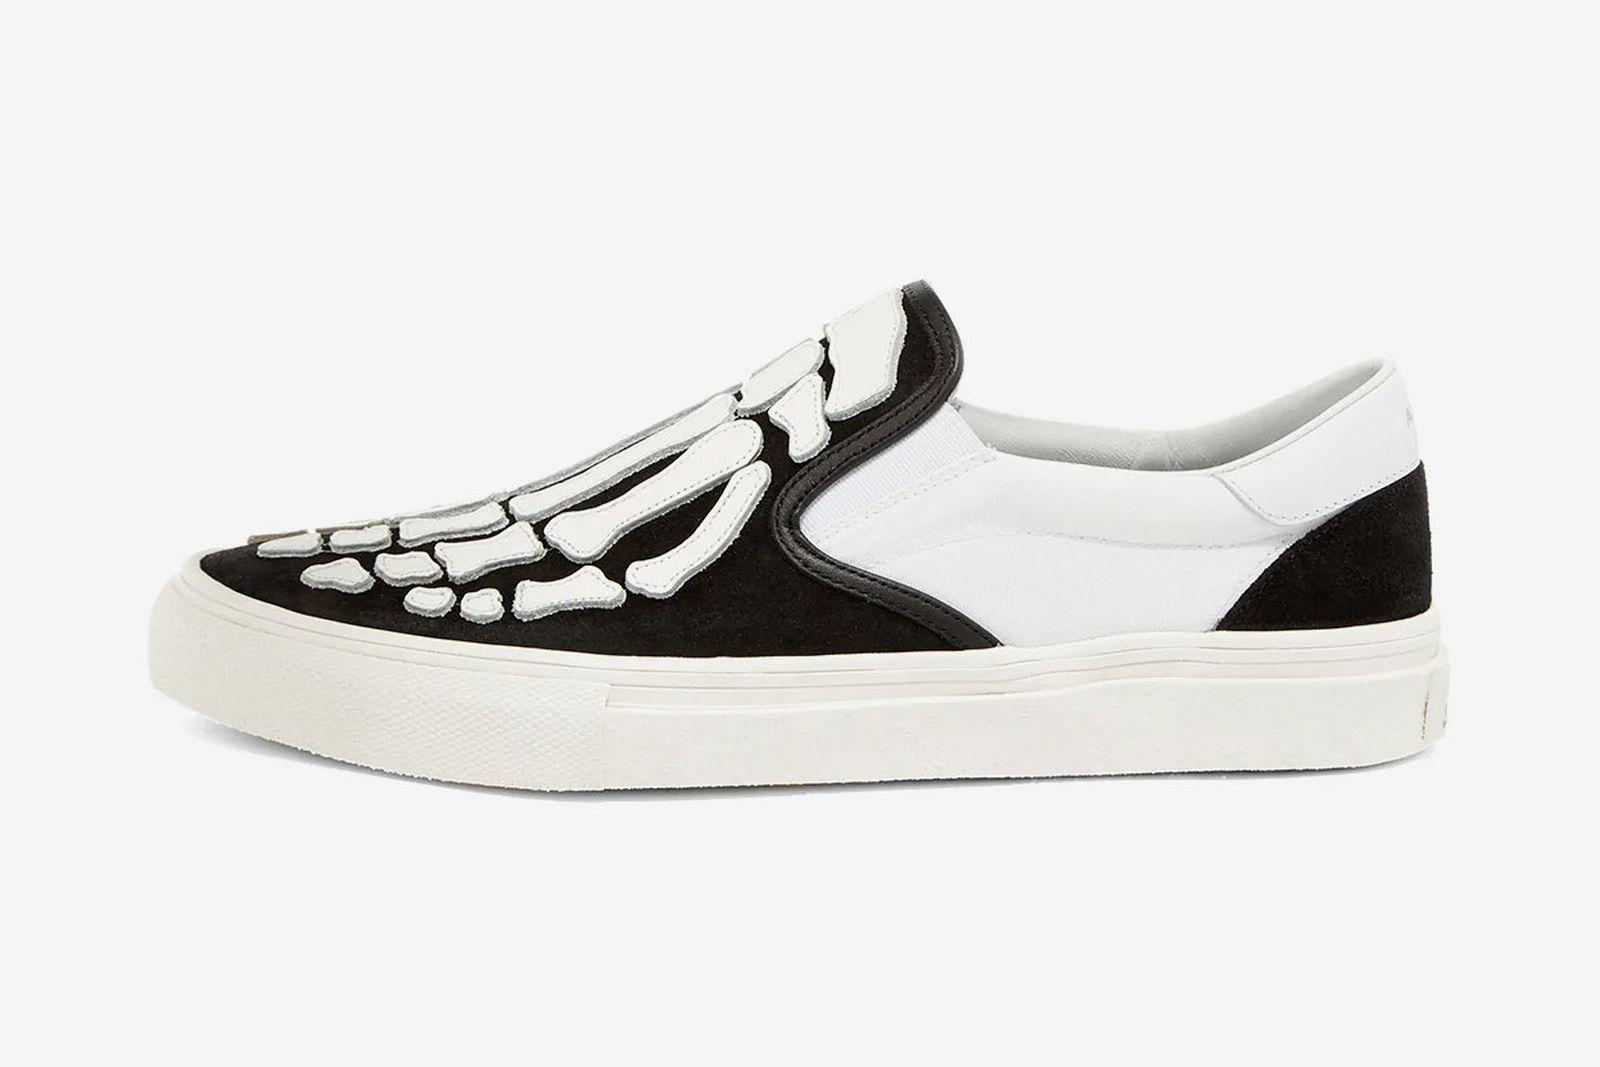 amiri-skeleton-toe-slip-on-release-date-price-02